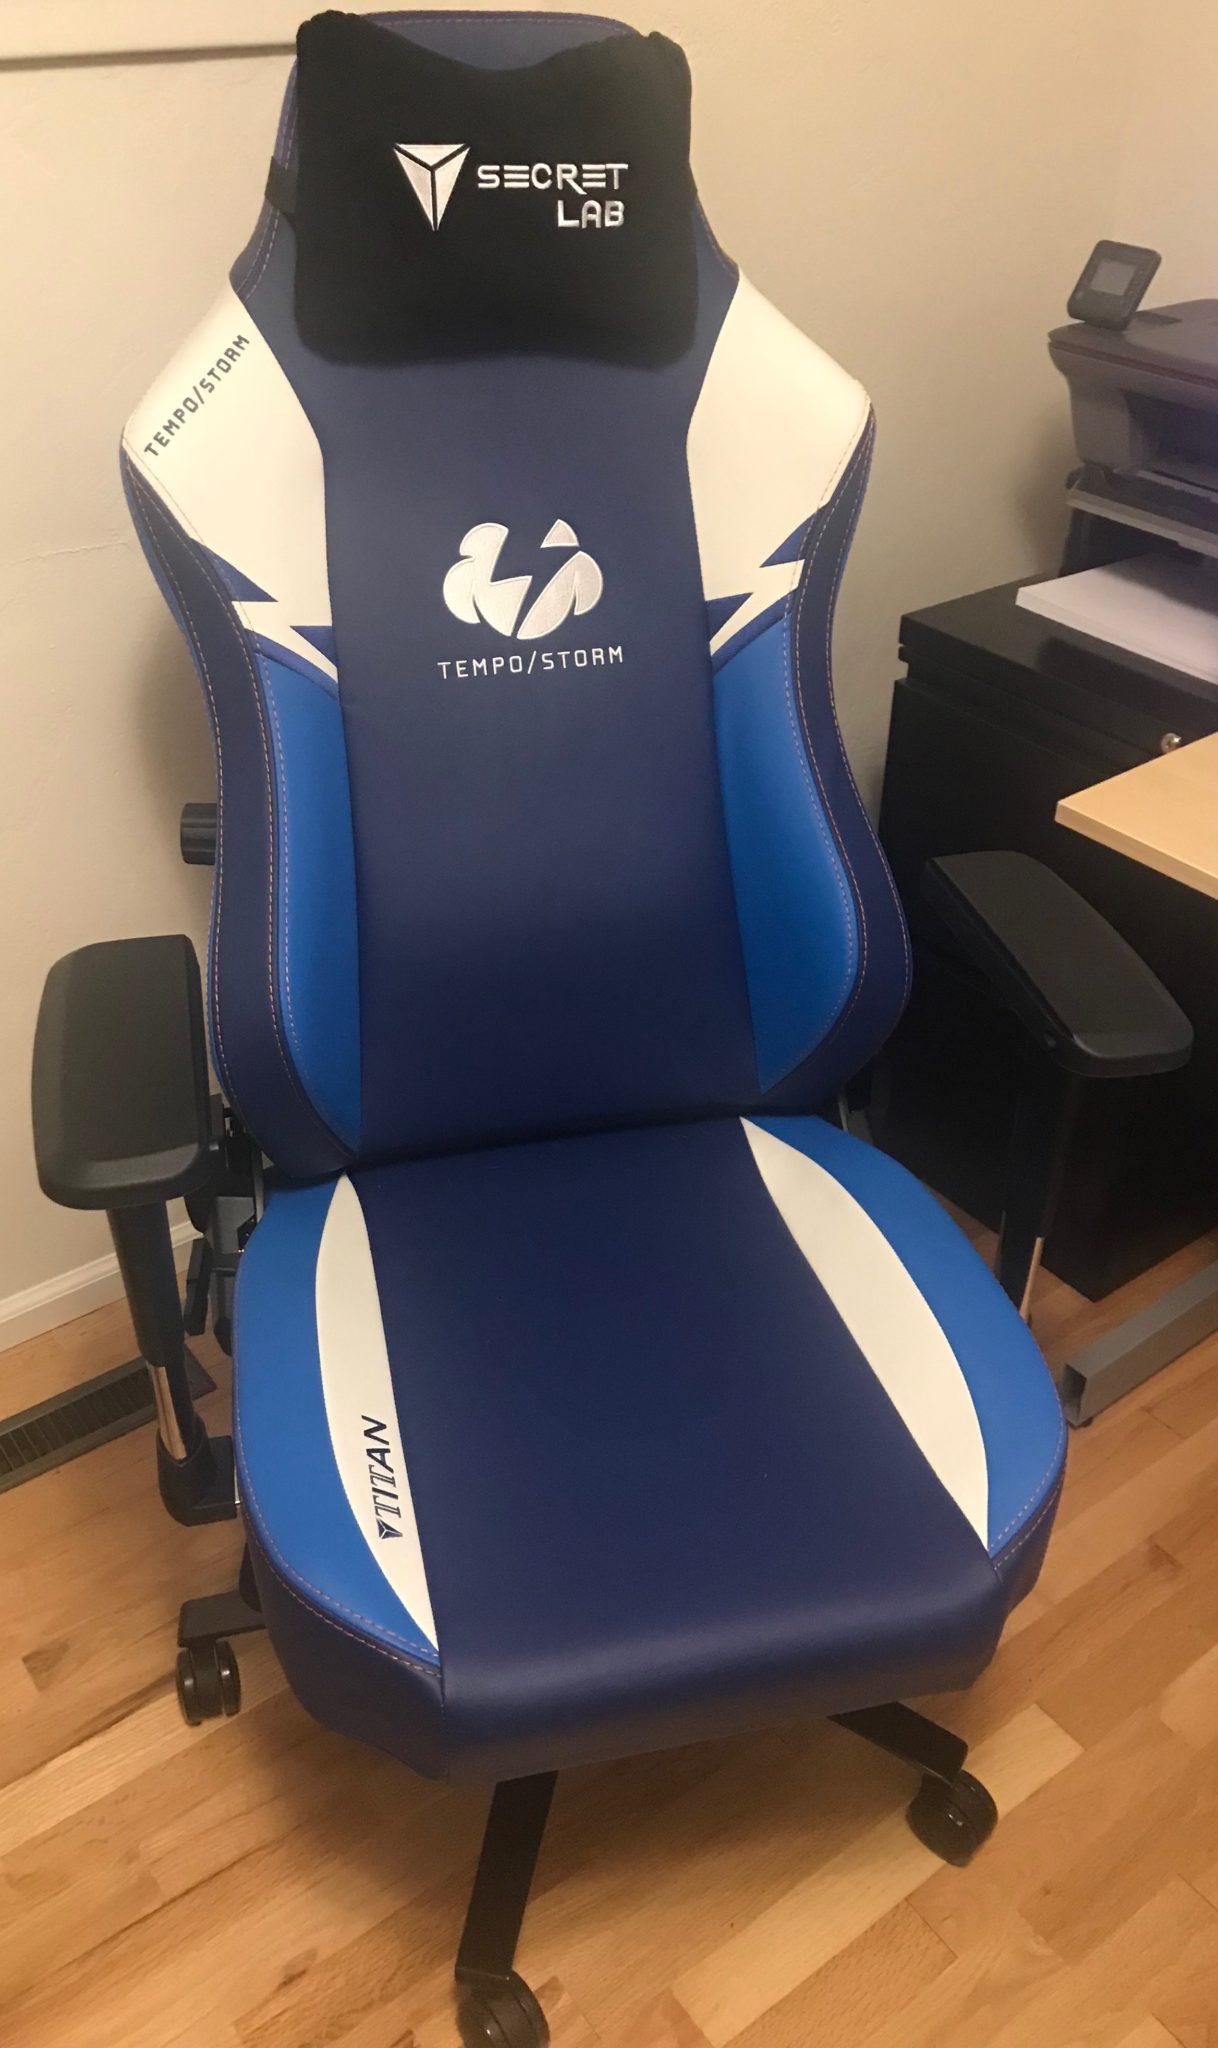 SecretLab Titan Tempo Chair Review 11